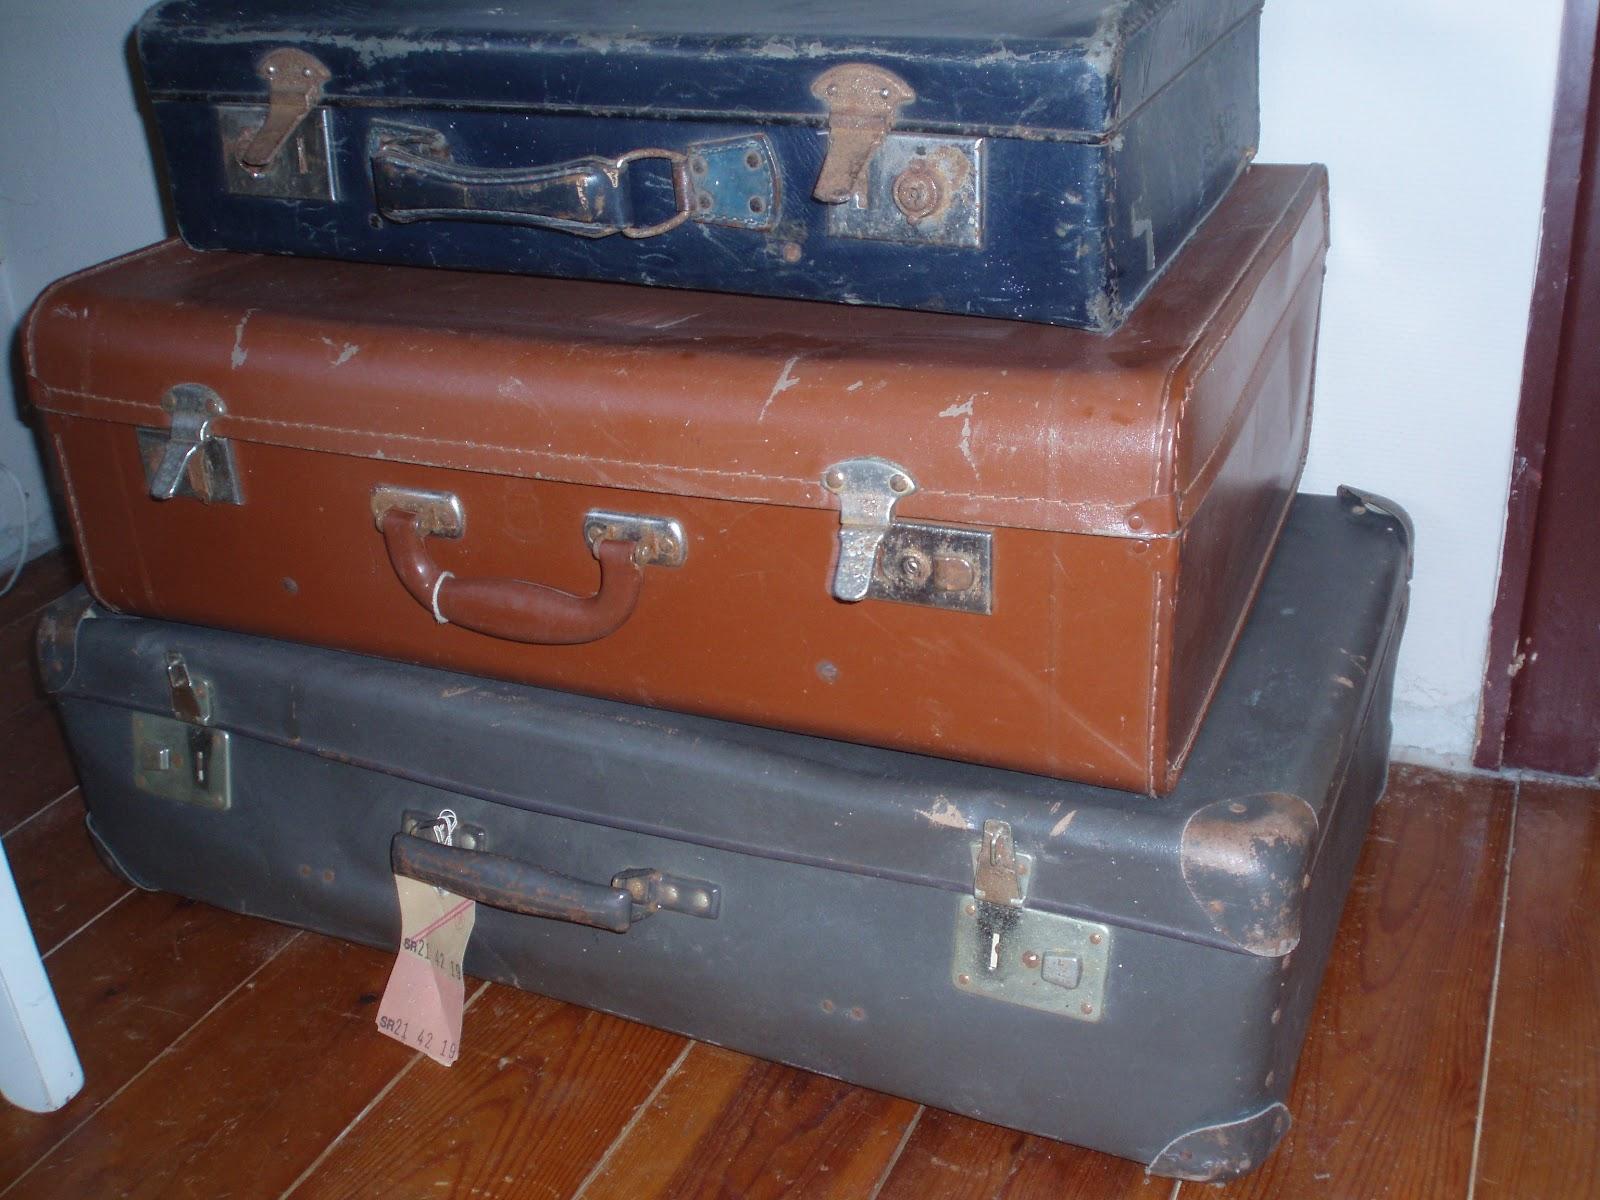 Mejsner nostalgi: Skøn gammel kuffert